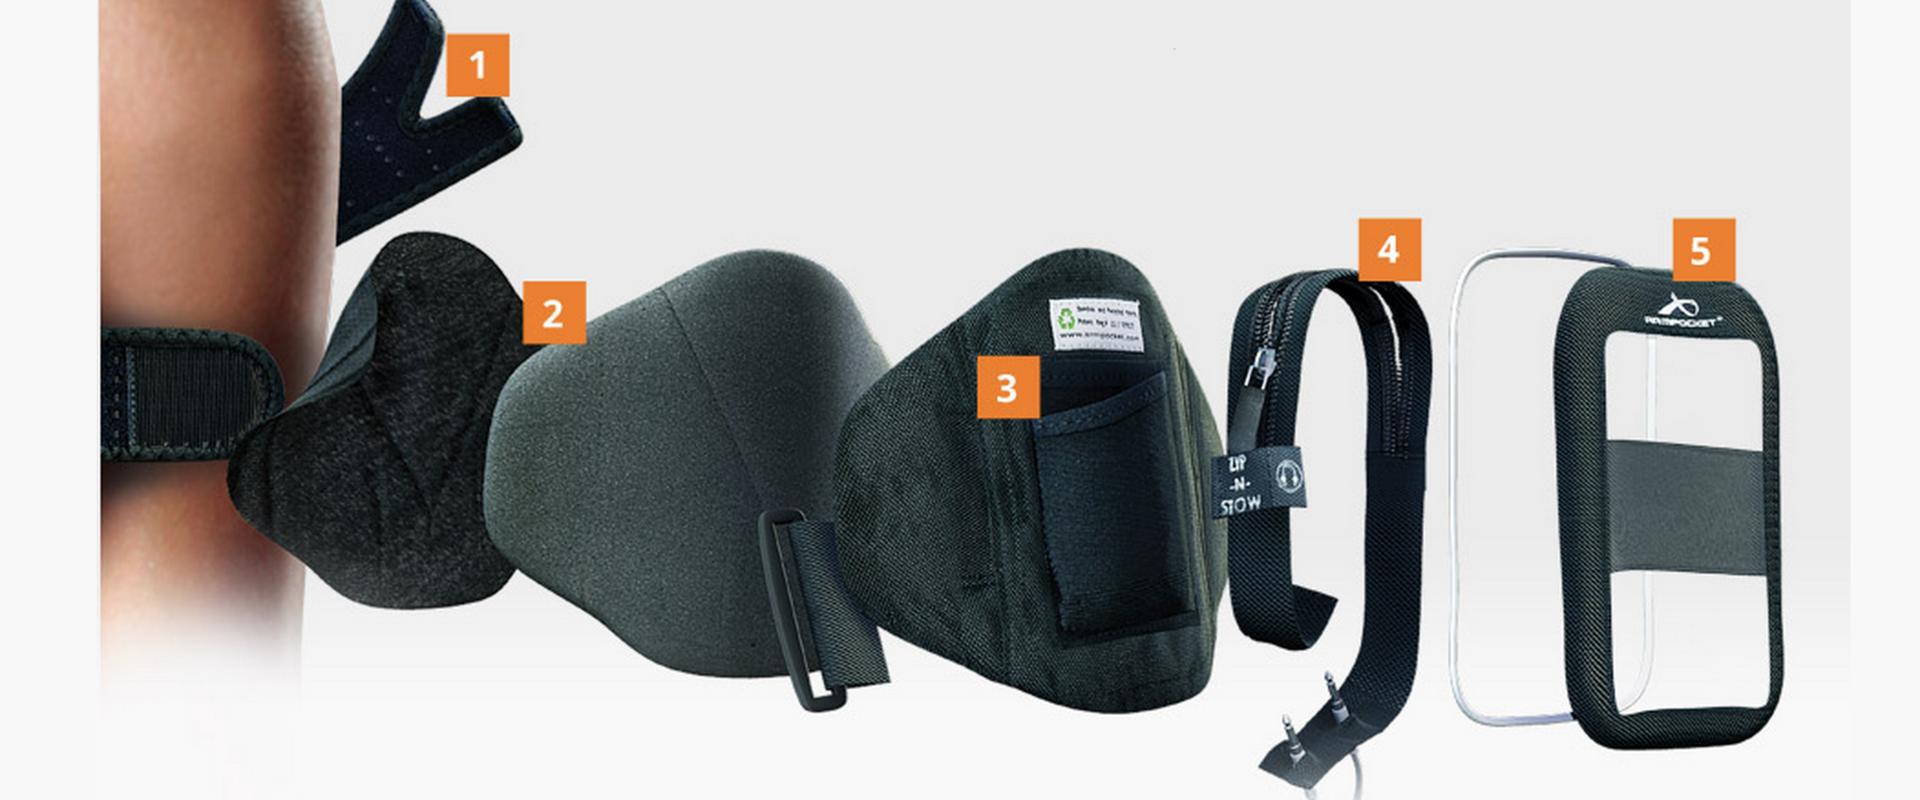 Обзор не гаджета. Выбираем лучший чехол для тренировок и другие аксессуары для смартфонов: повязки, сумки и силиконовый карман Adidas - 22